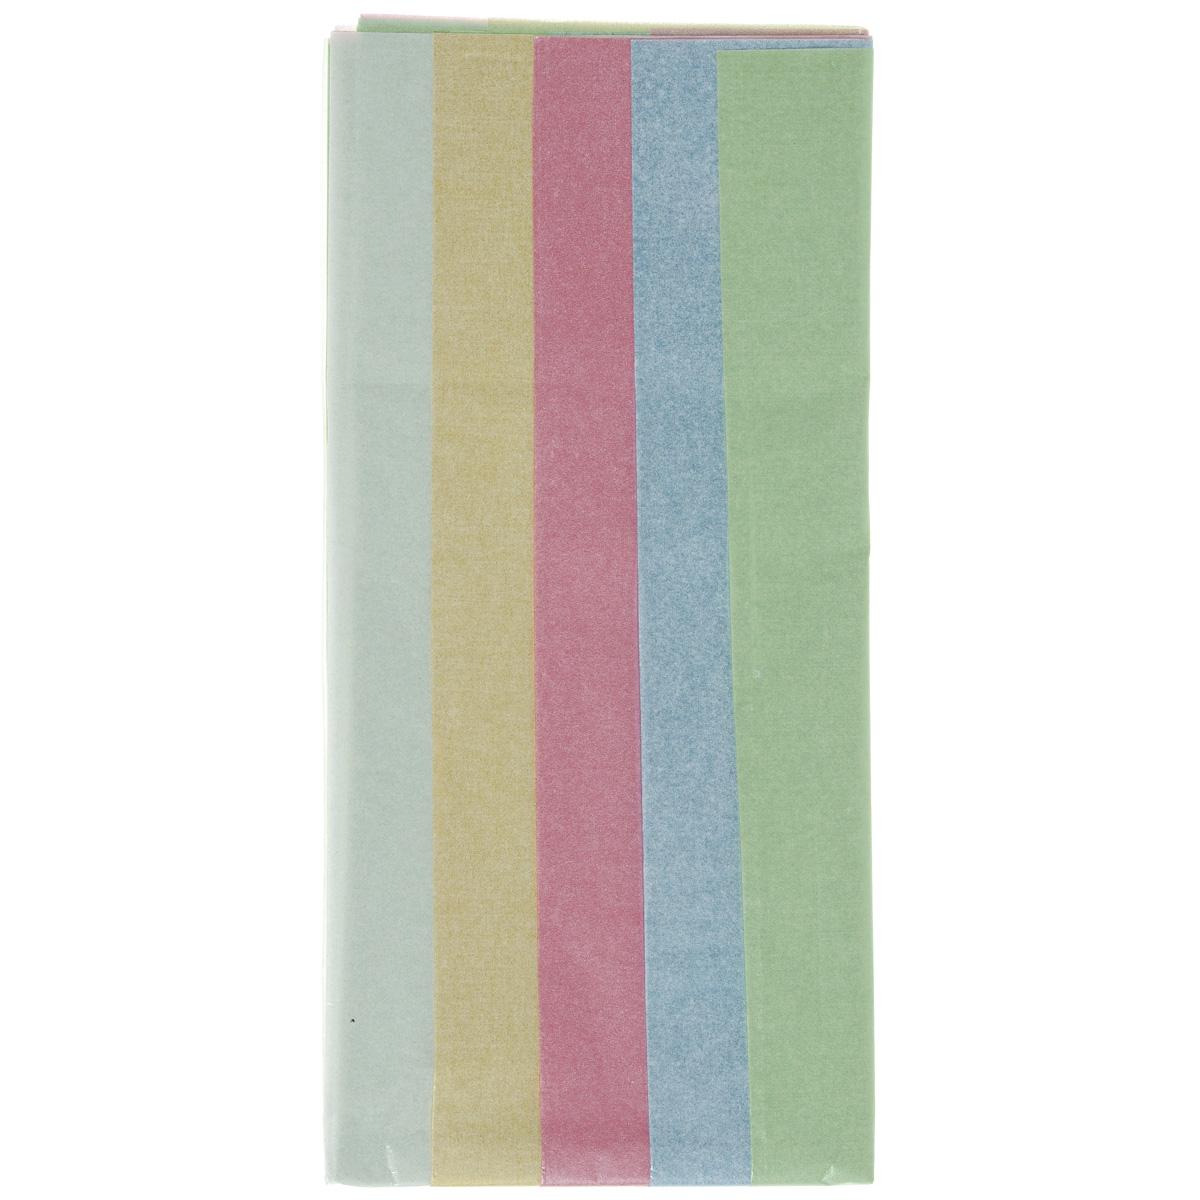 Бумага папиросная Folia, 50 см х 70 см, 5 листов. 7708133C0042416Бумага папиросная Folia - это великолепная тонкая и эластичная декоративная бумага. Такая бумага очень хороша для изготовления своими руками цветов и букетов с конфетами, топиариев, декорирования праздничных мероприятий. Также из нее получается шикарная упаковка для подарков. Интересный эффект дает сочетание мягкой полупрозрачной фактуры папиросной бумаги с жатыми и матовыми фактурами: креп-бумагой, тутовой и различными видами картона. Бумага очень тонкая, полупрозрачная - поэтому ее можно оригинально использовать в декоре стекла, светильников и гирлянд. В комплекте 5 листов разных цветов: белый, розовый, желтый, голубой, зеленый.Достаточно большие размеры листа и богатая цветовая палитра дают простор вашей творческой фантазии. Размер листа: 50 см х 70 см.Плотность: 20 г/м2.